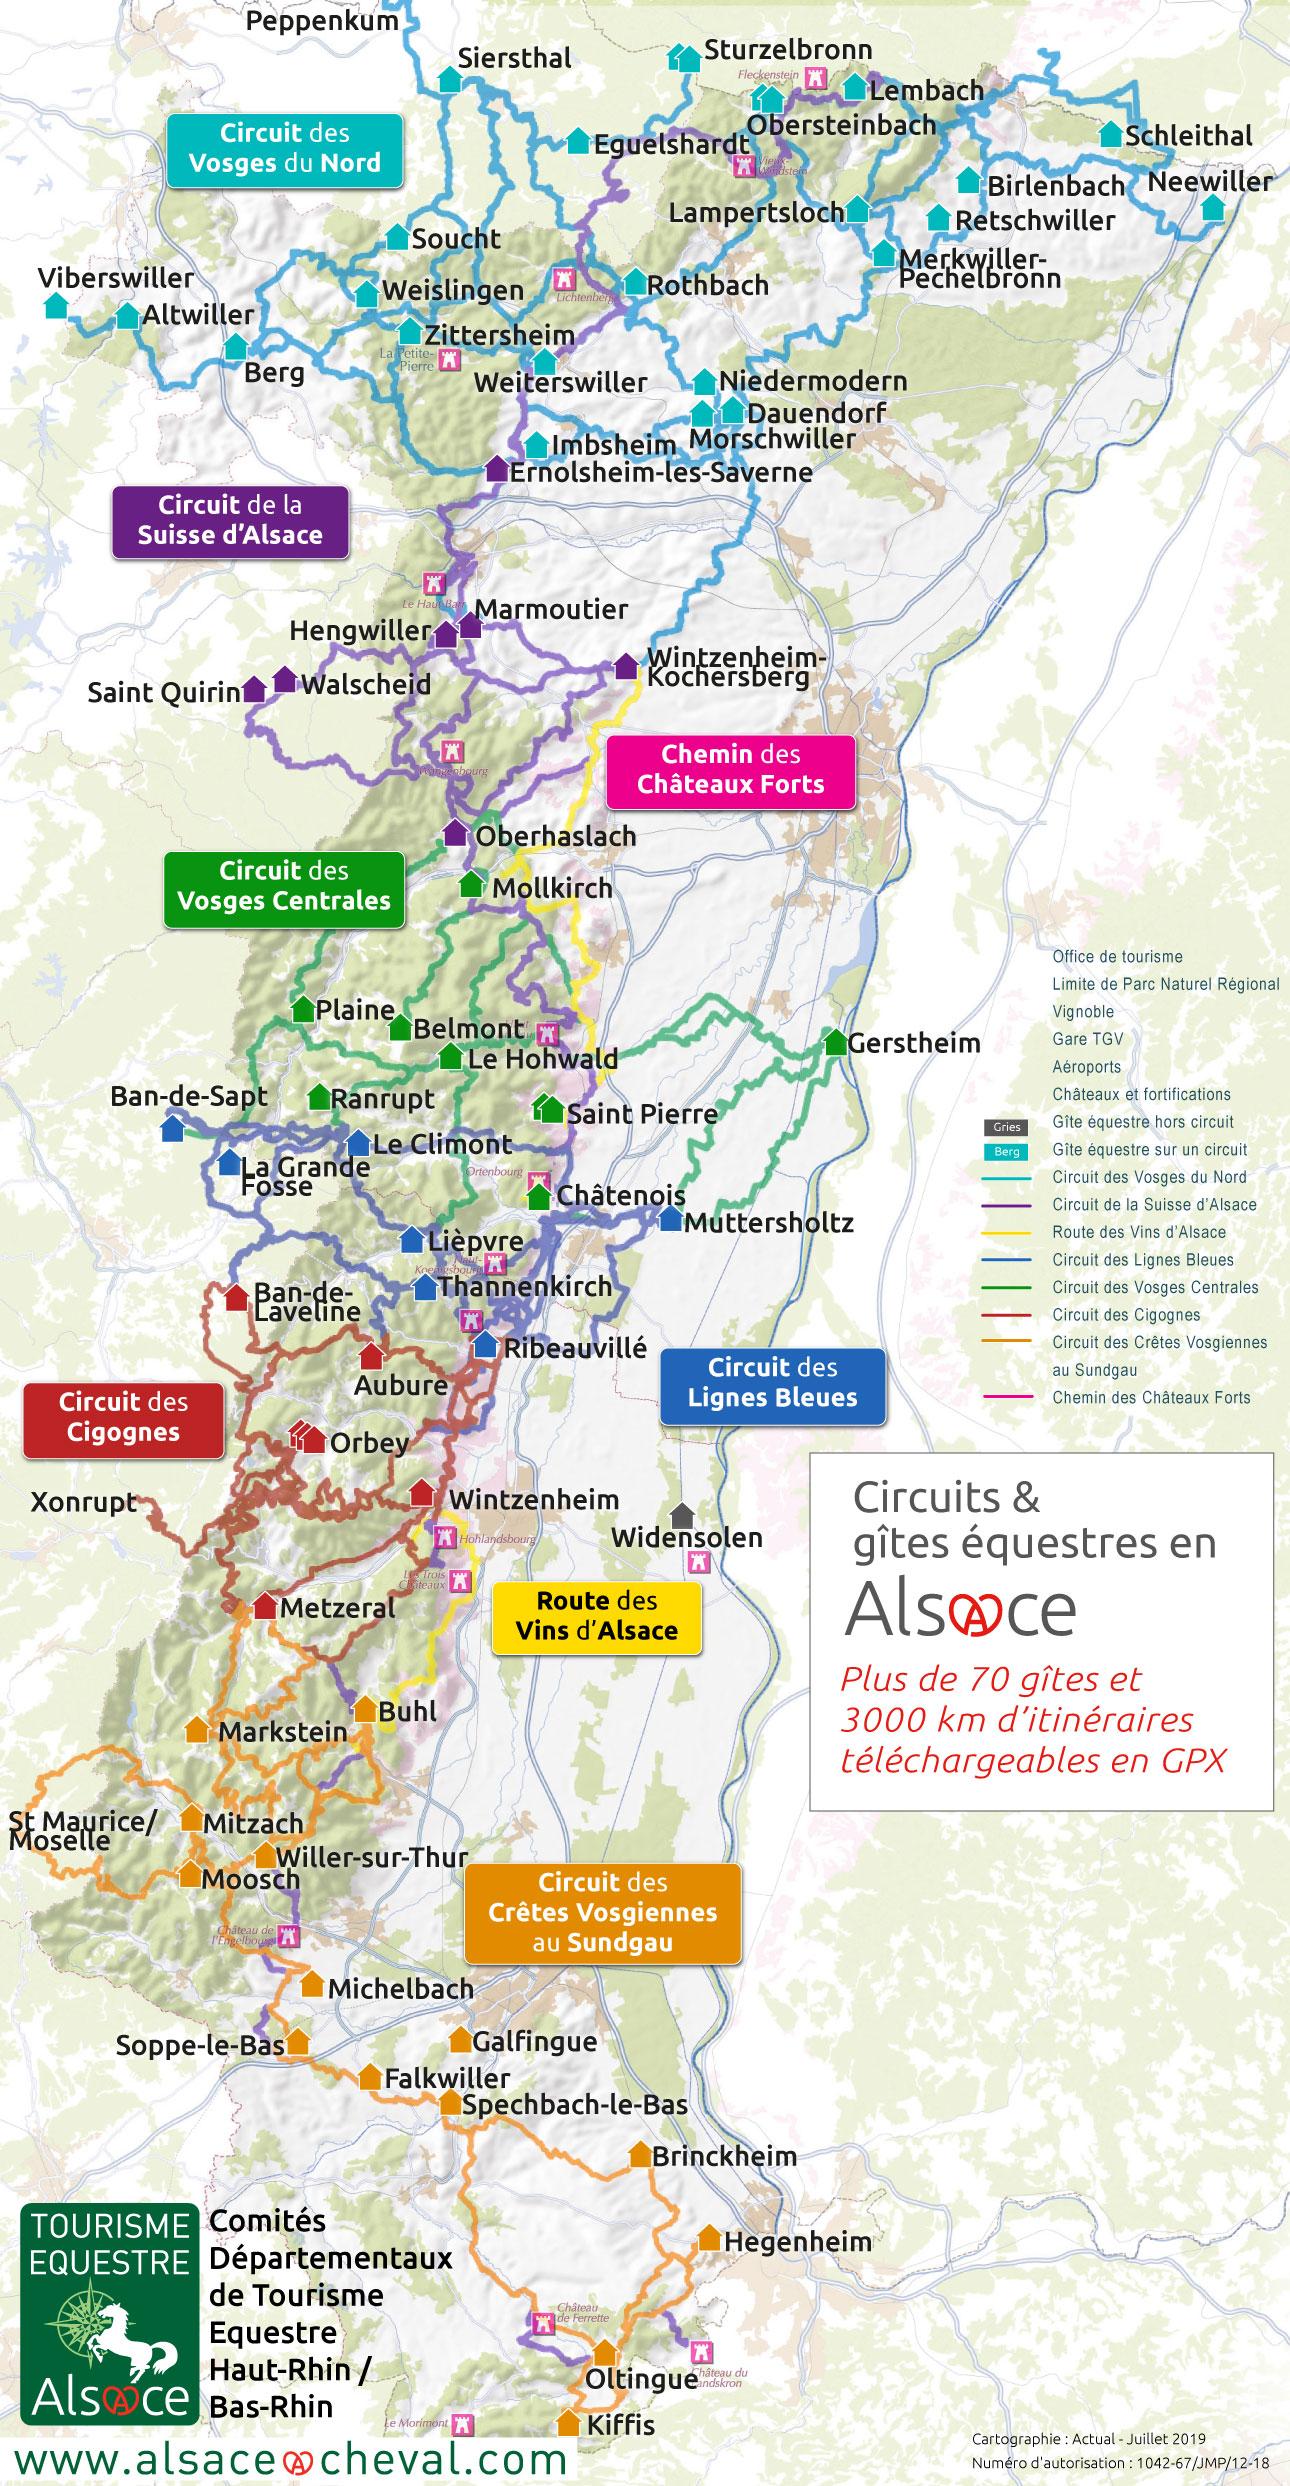 carte des itinéraires et gîtes équestres d'Alsace